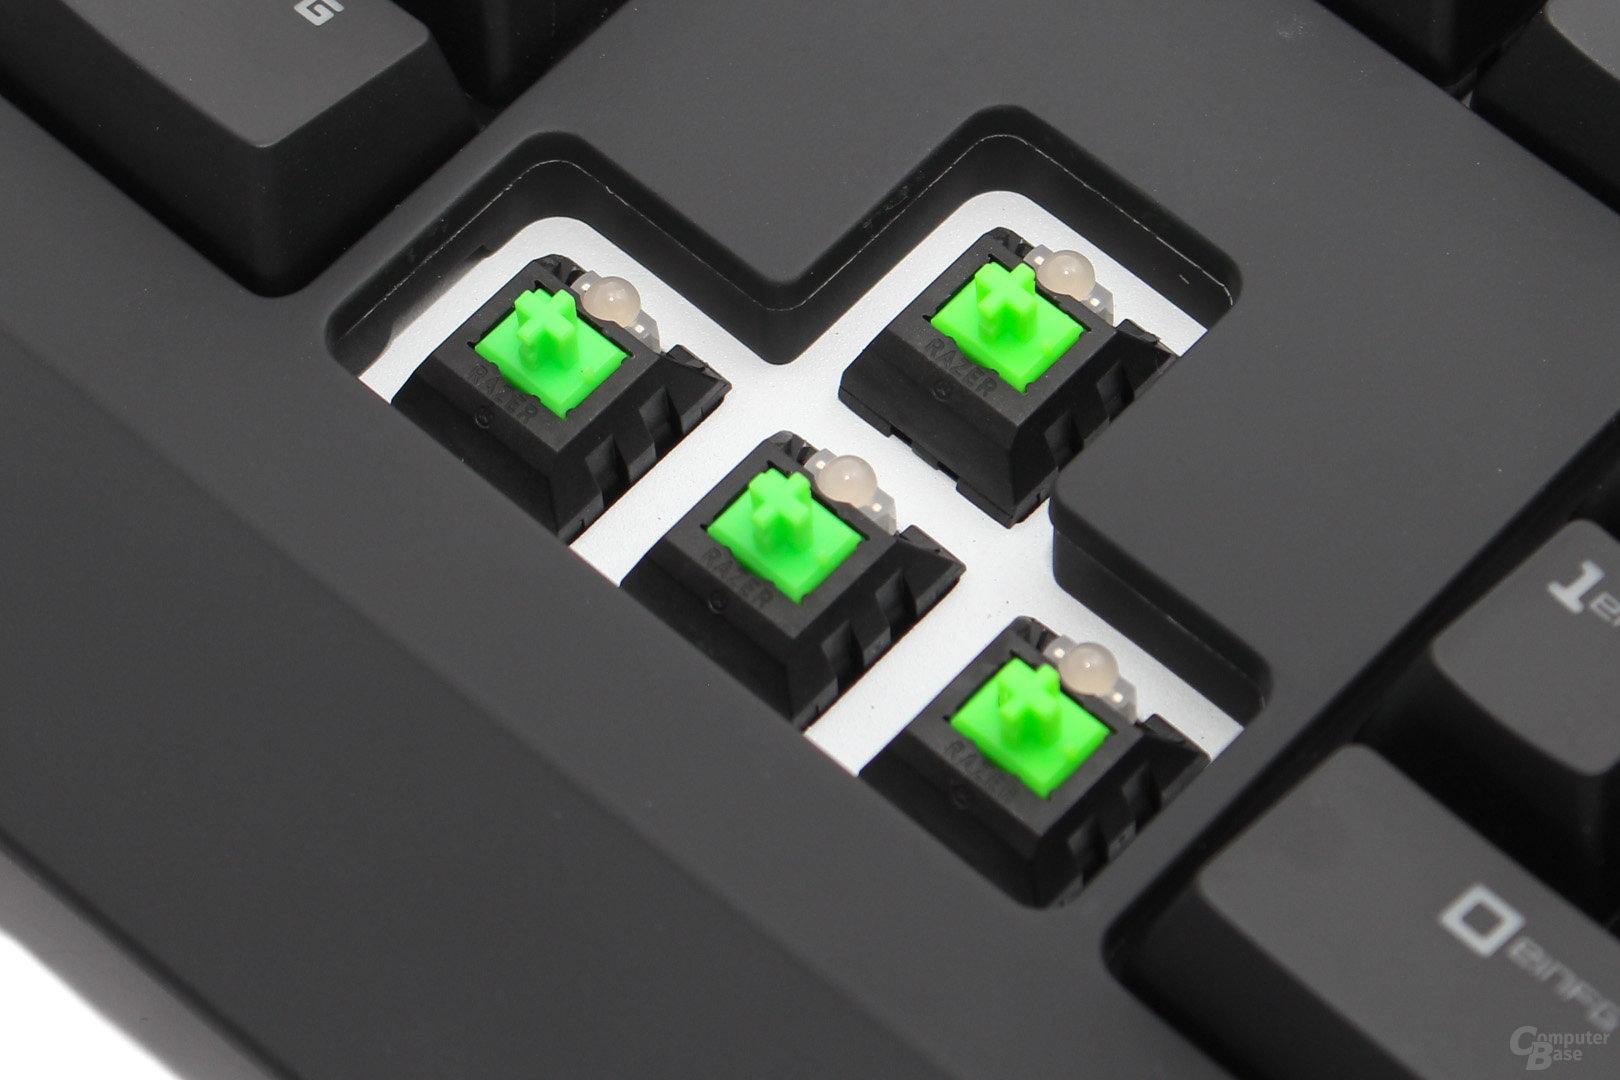 Üblicherweise befindet sich die LED bei mechanischen Tastern außerhalb des Tastergehäuses